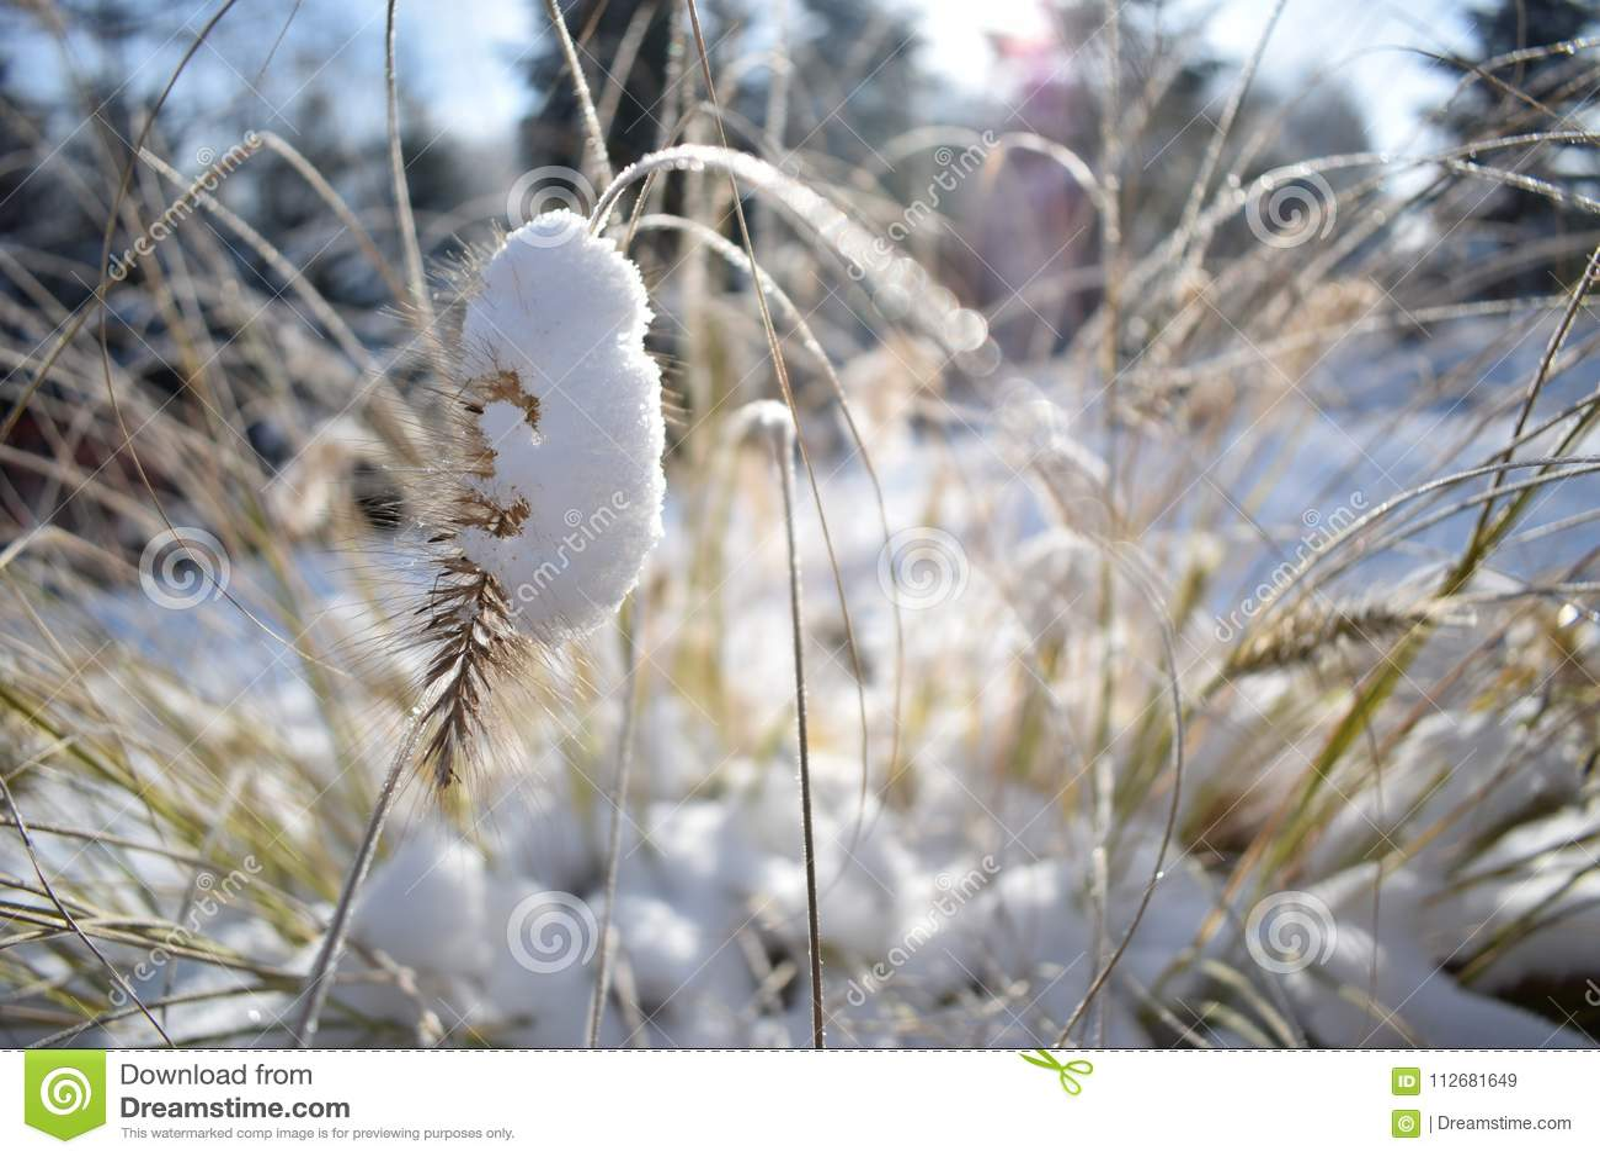 Λεπτομέρεια χειμώνα Λεπίδες της χλόης στο χιόνι Συγκεχυμένο φως ήλιων